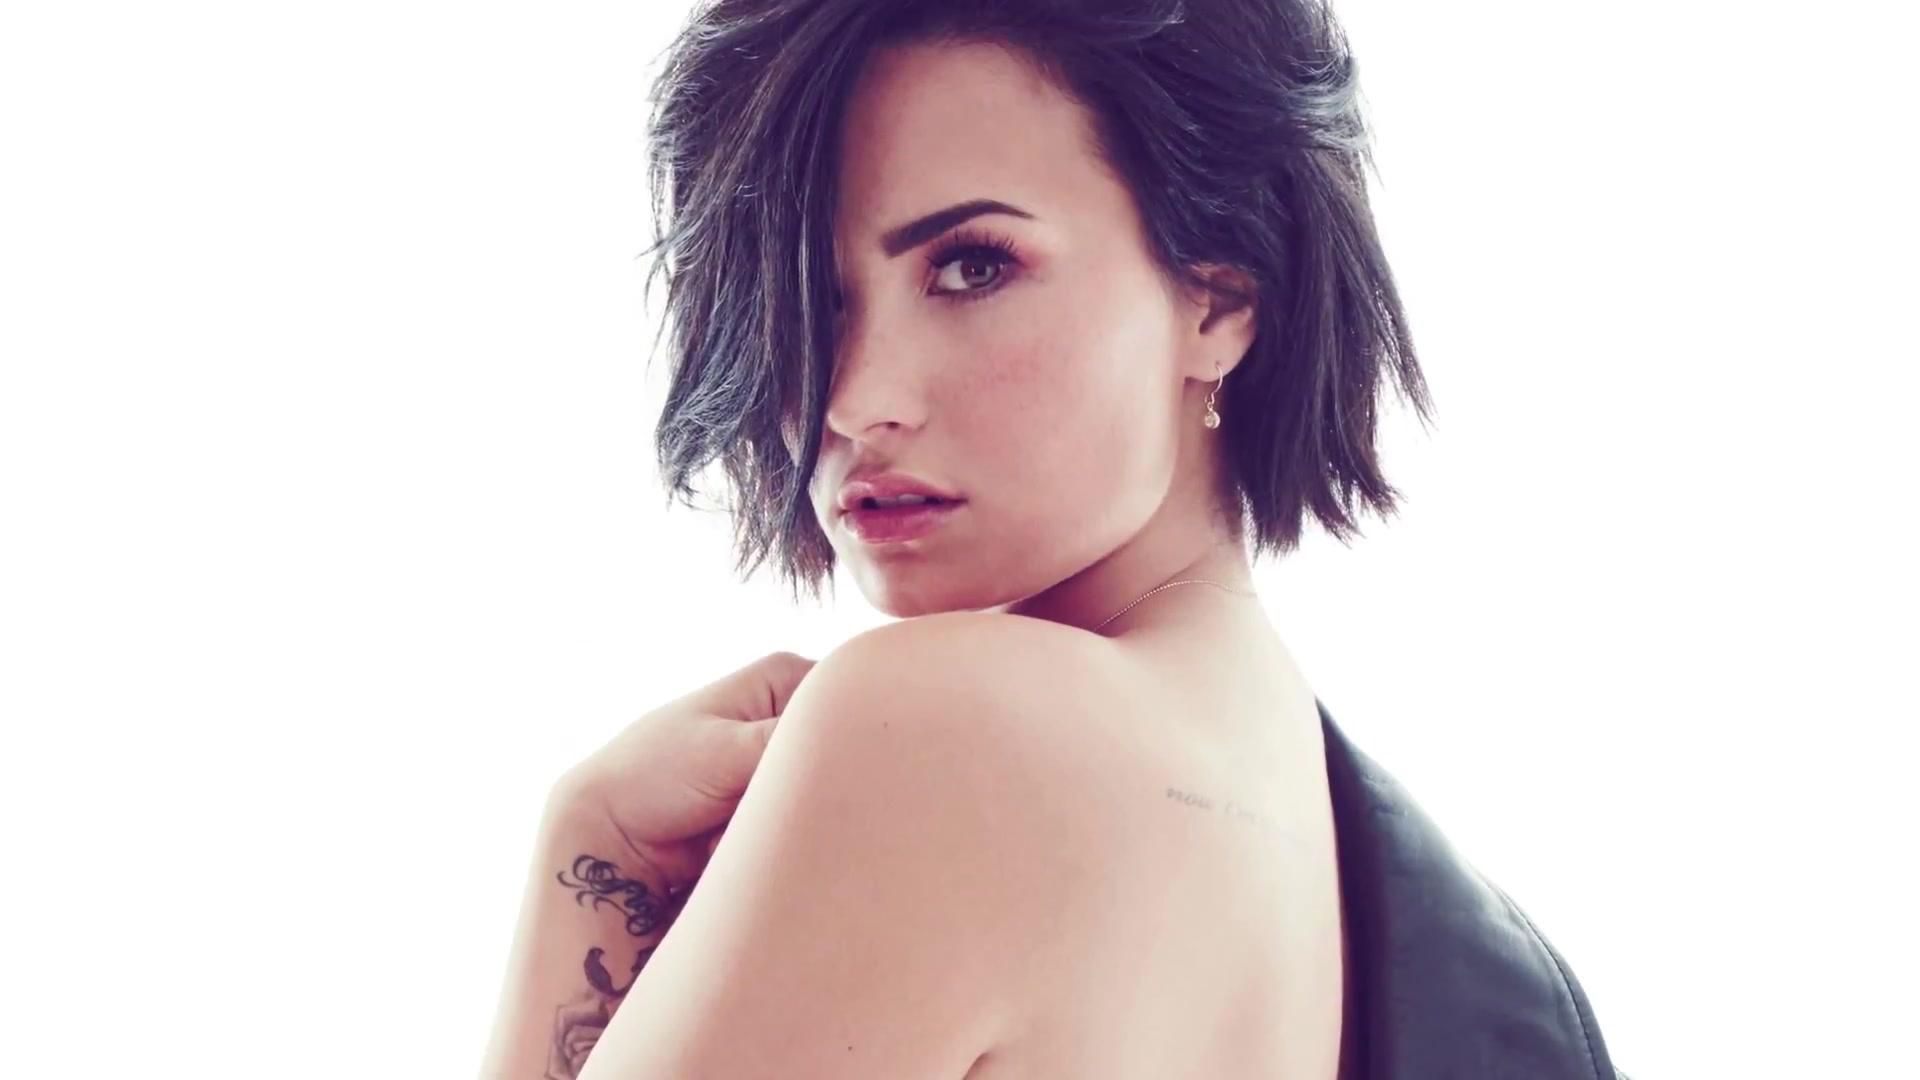 Back to FULL gallery Demi Lovato – Cosmopolitan US Magazine ...: http://www.gotceleb.com/demi-lovato-cosmopolitan-us-magazine-september-2015-2015-08-03.html/demi-lovato-cosmopolitan-us-2015-08/full-image